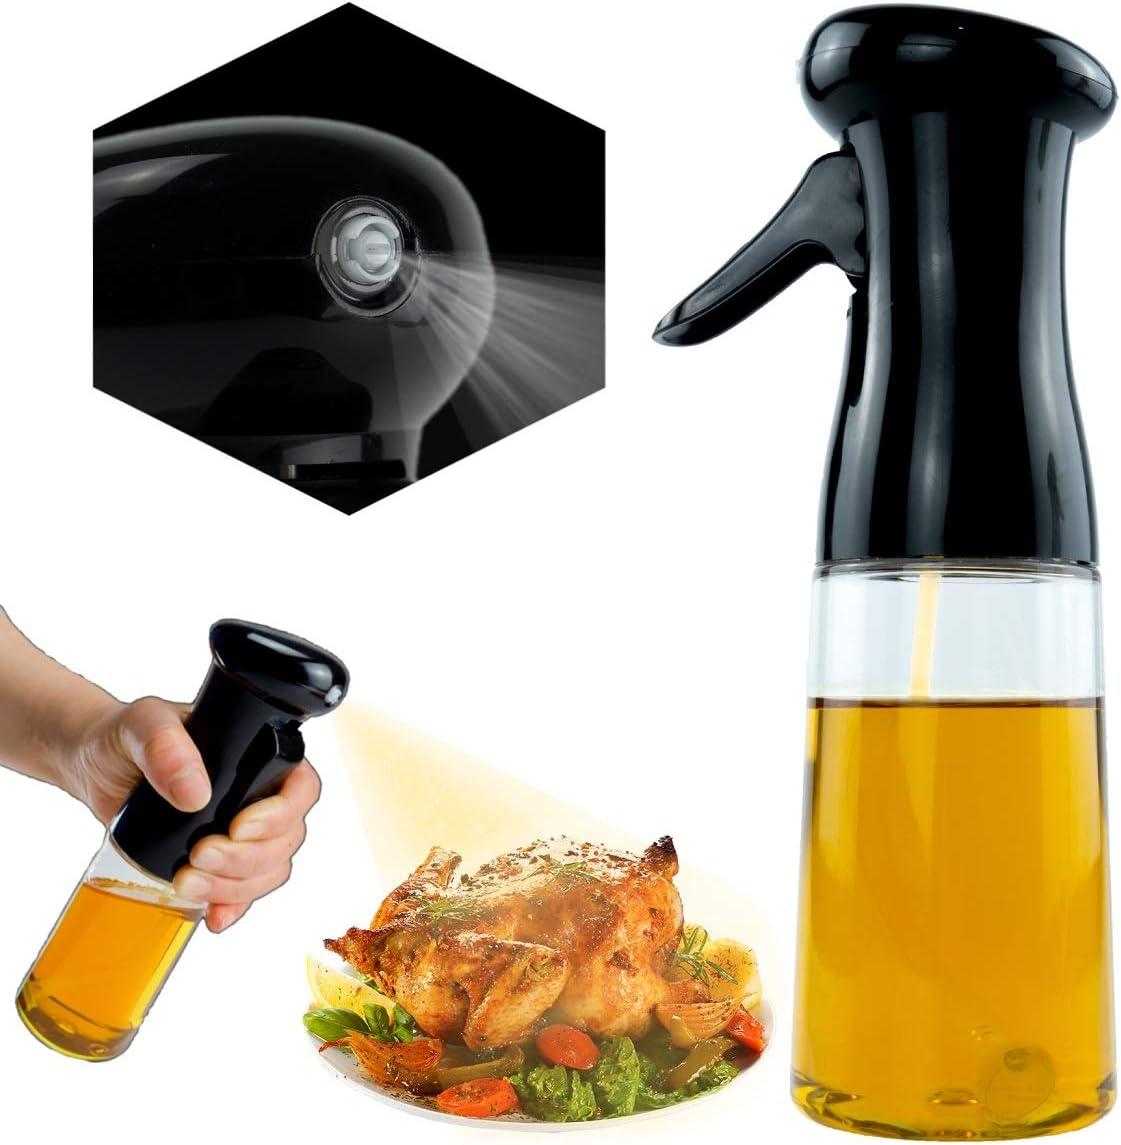 Olive Oil Sprayer for Cooking, Oil Dispenser Bottle Kitchen Gadgets Mister Spray Bottle Oil Spritzer for BBQ Salad Grilling Baking Frying,7oz/210ml Food Grade Kitchen PET Pump BPA